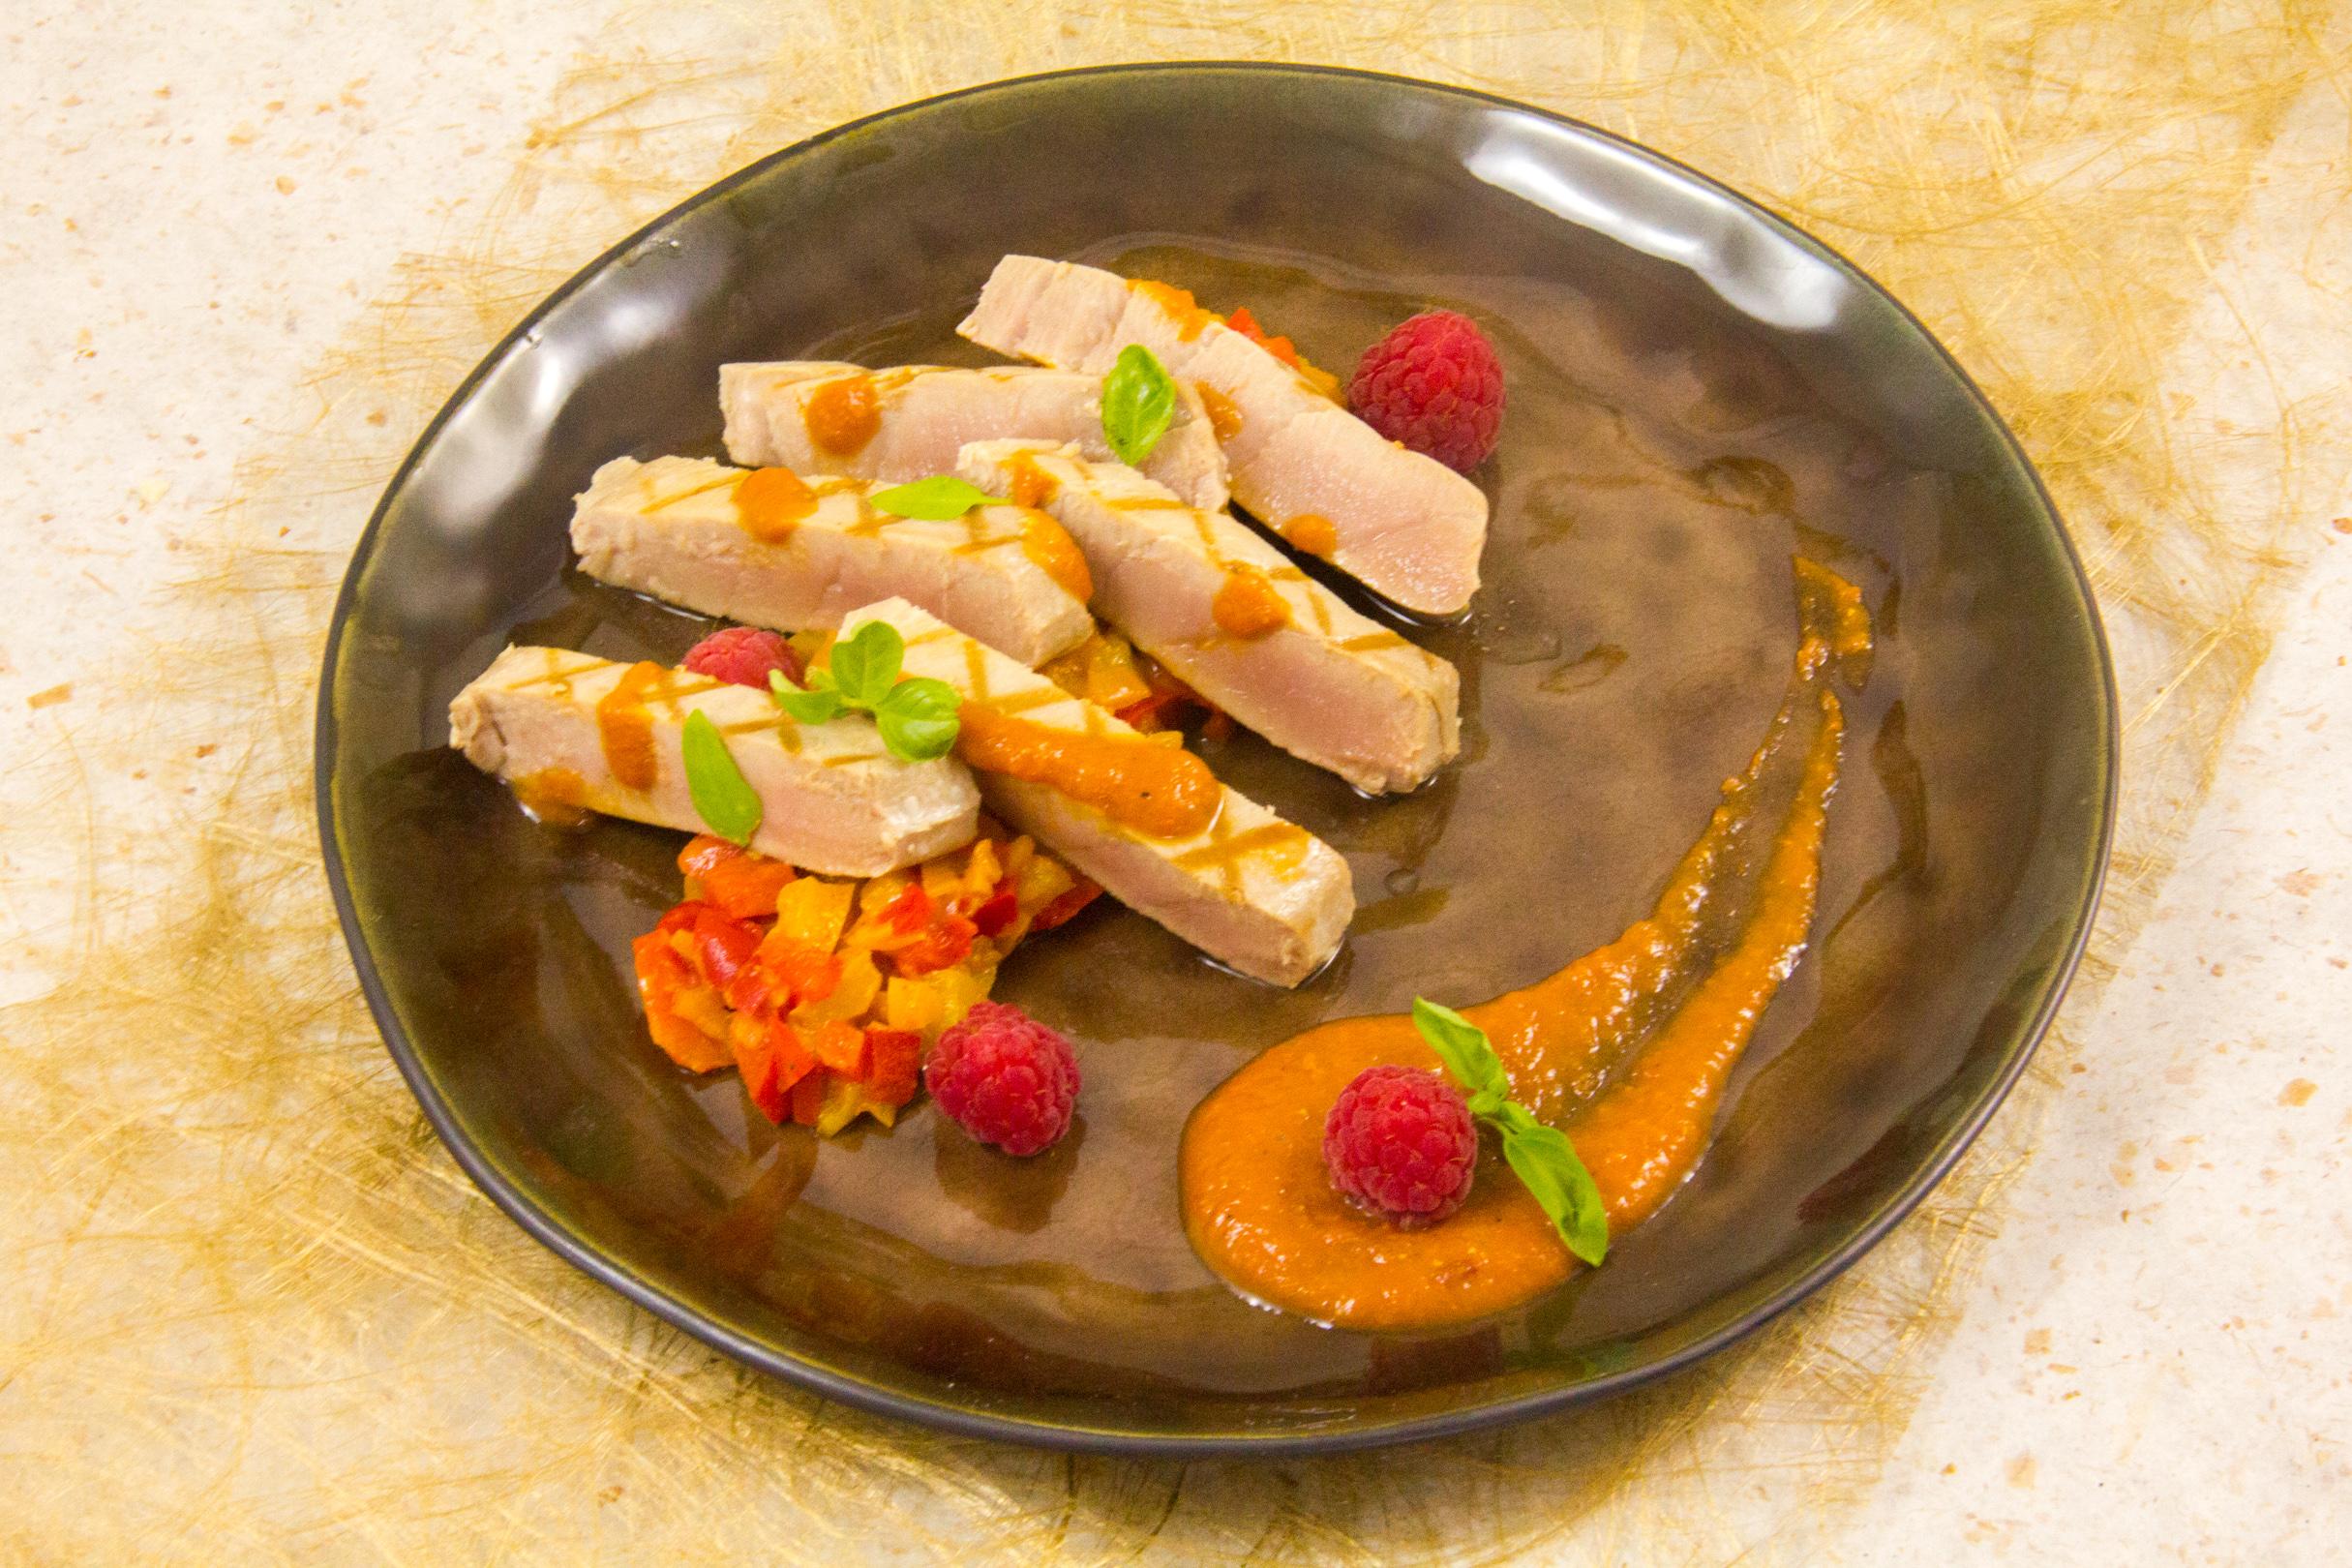 Le steak de thon basse température, sauce poivron et fruits rouges